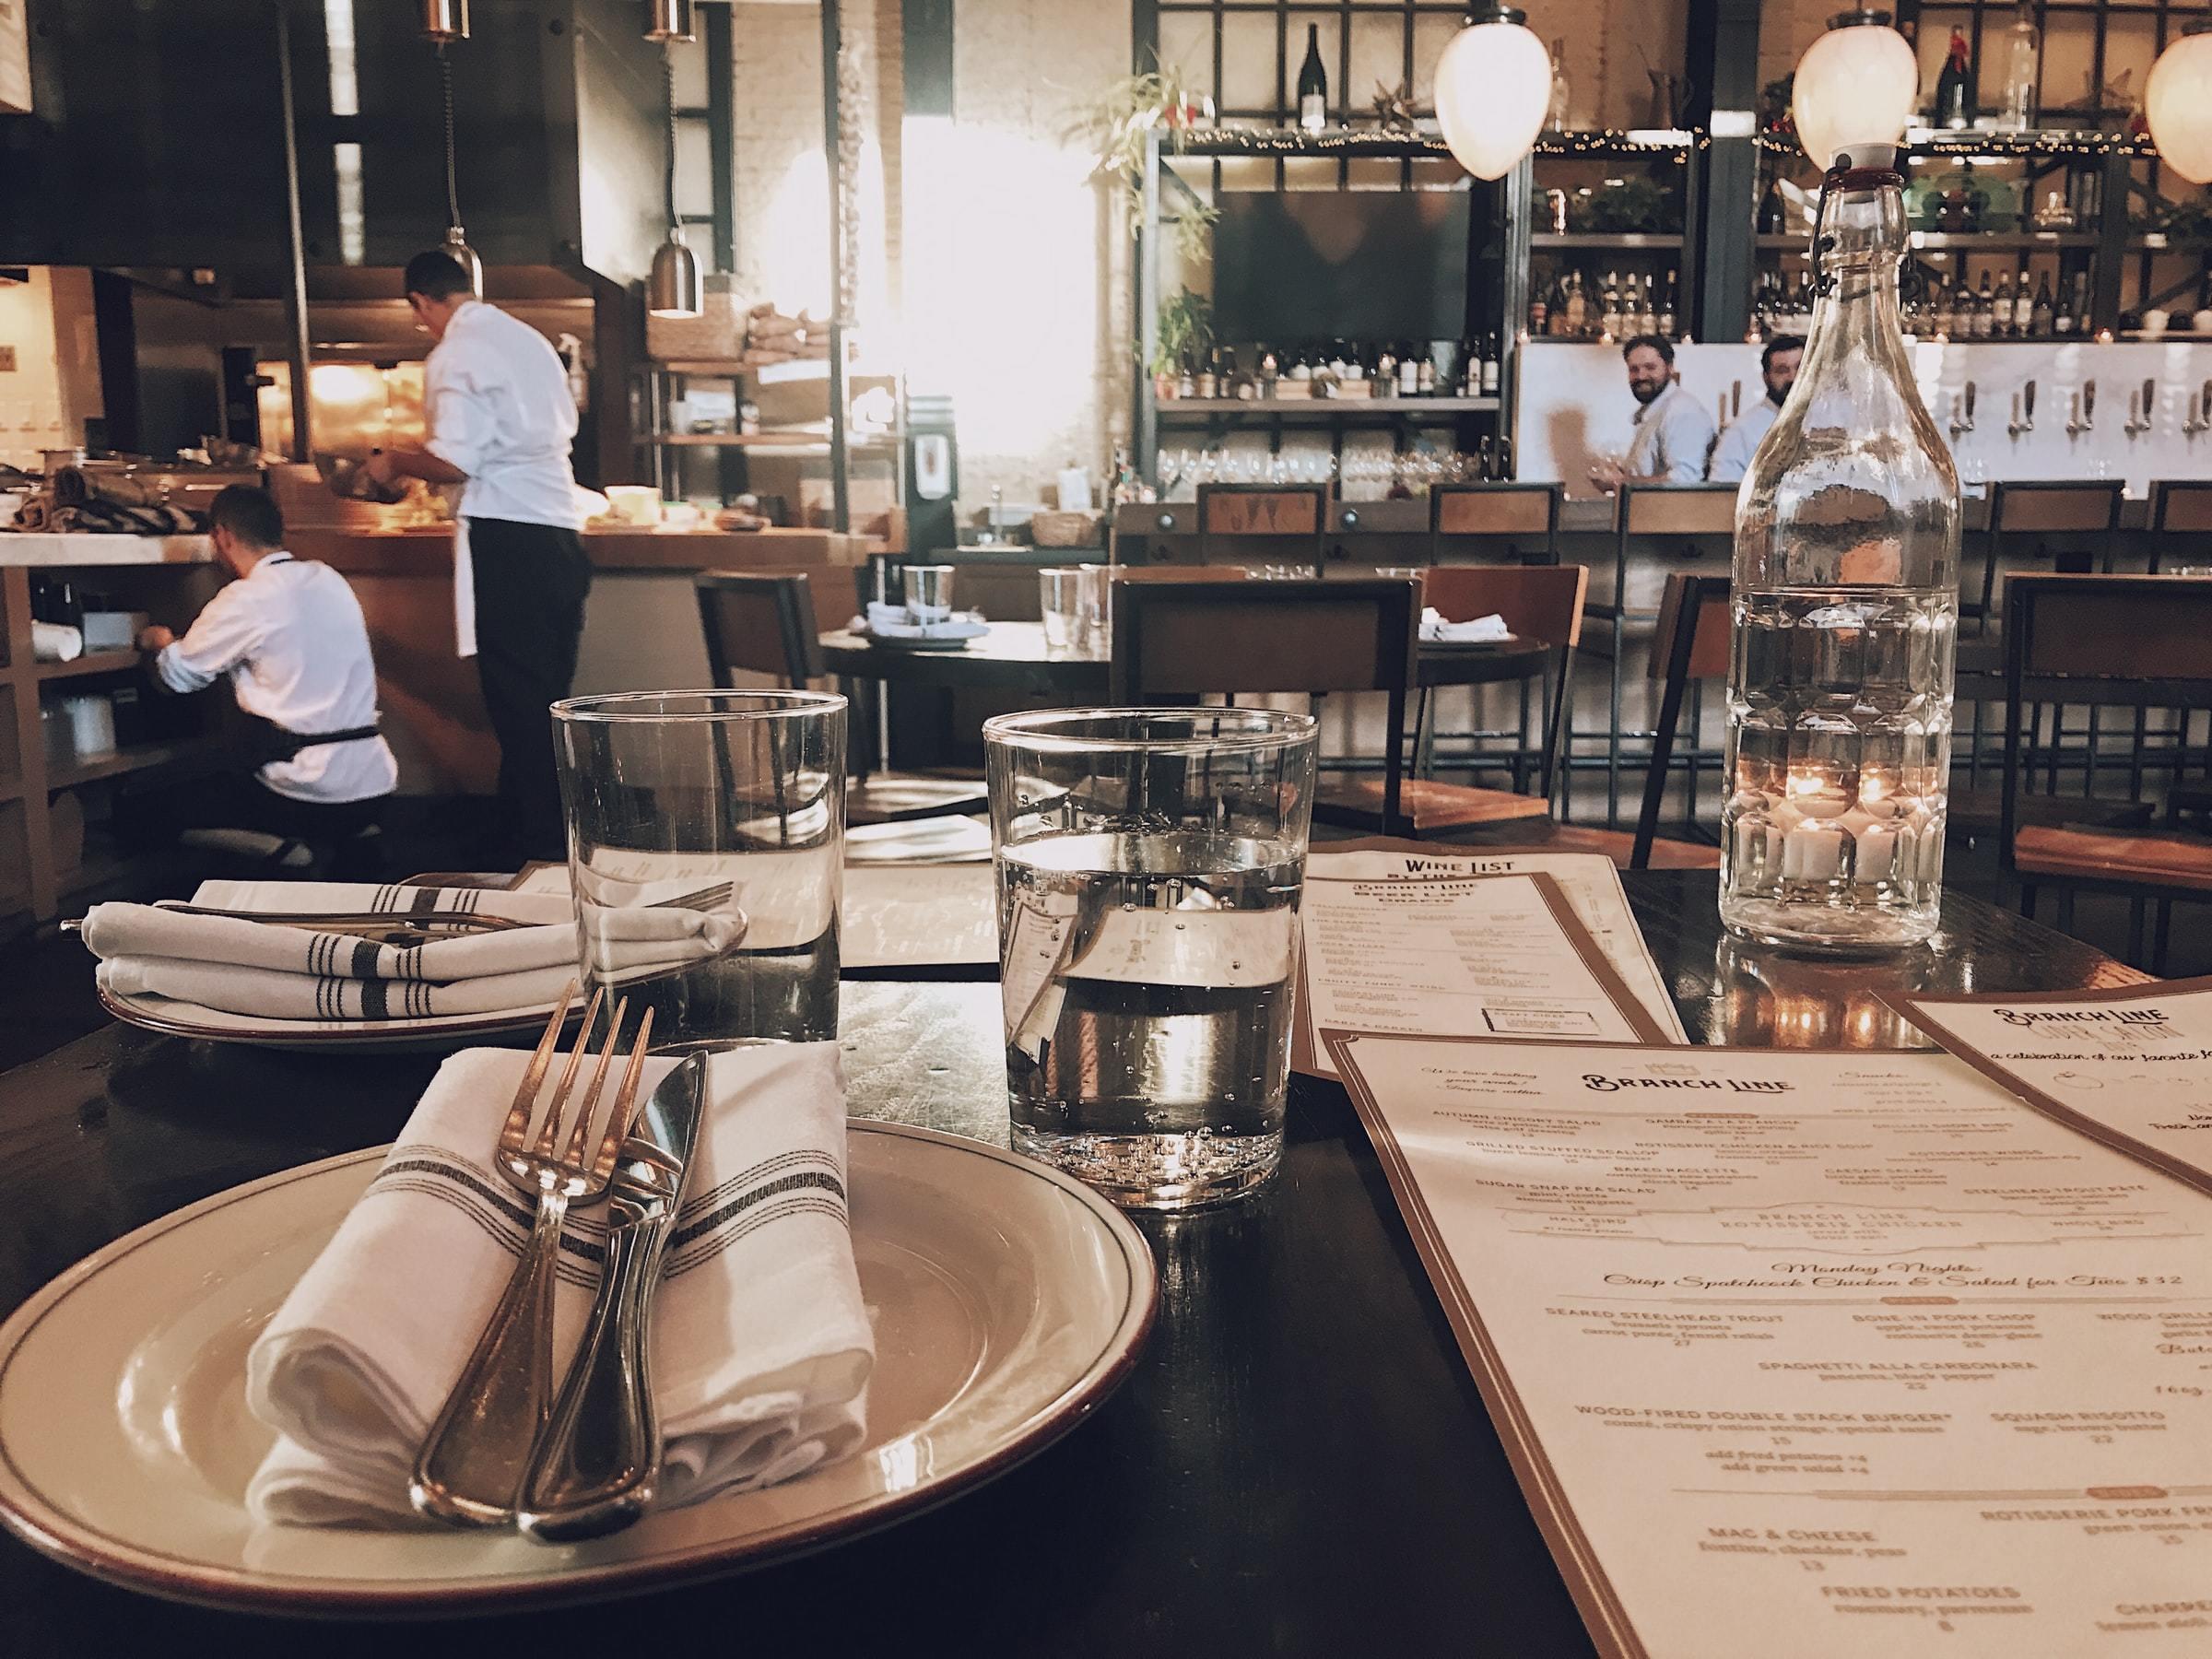 Generic restaurant dining room